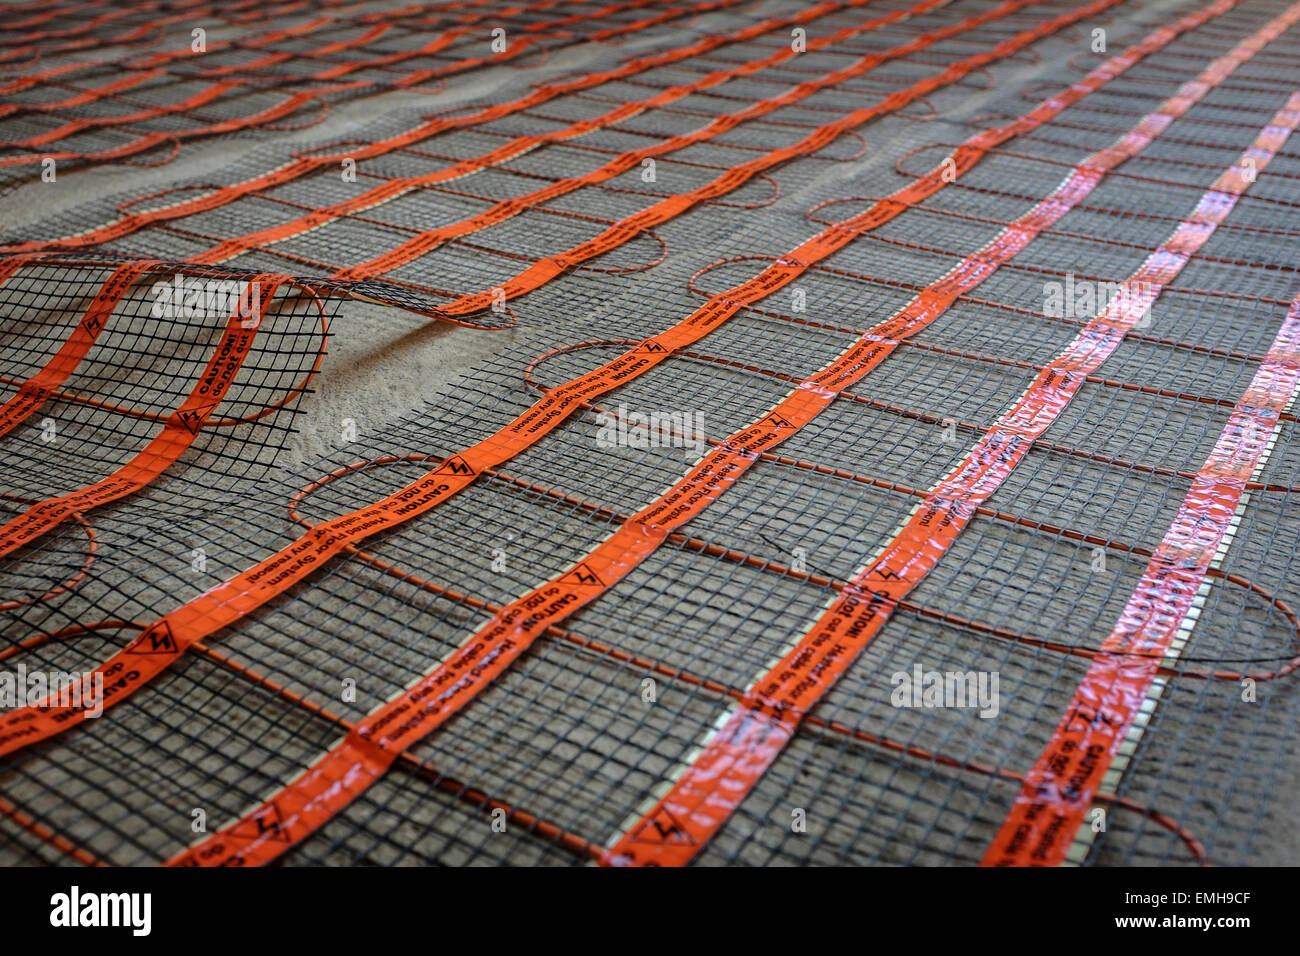 Chauffage Au Sol Electrique Pose chauffage au sol ; l'installation mat mat est posé sur une